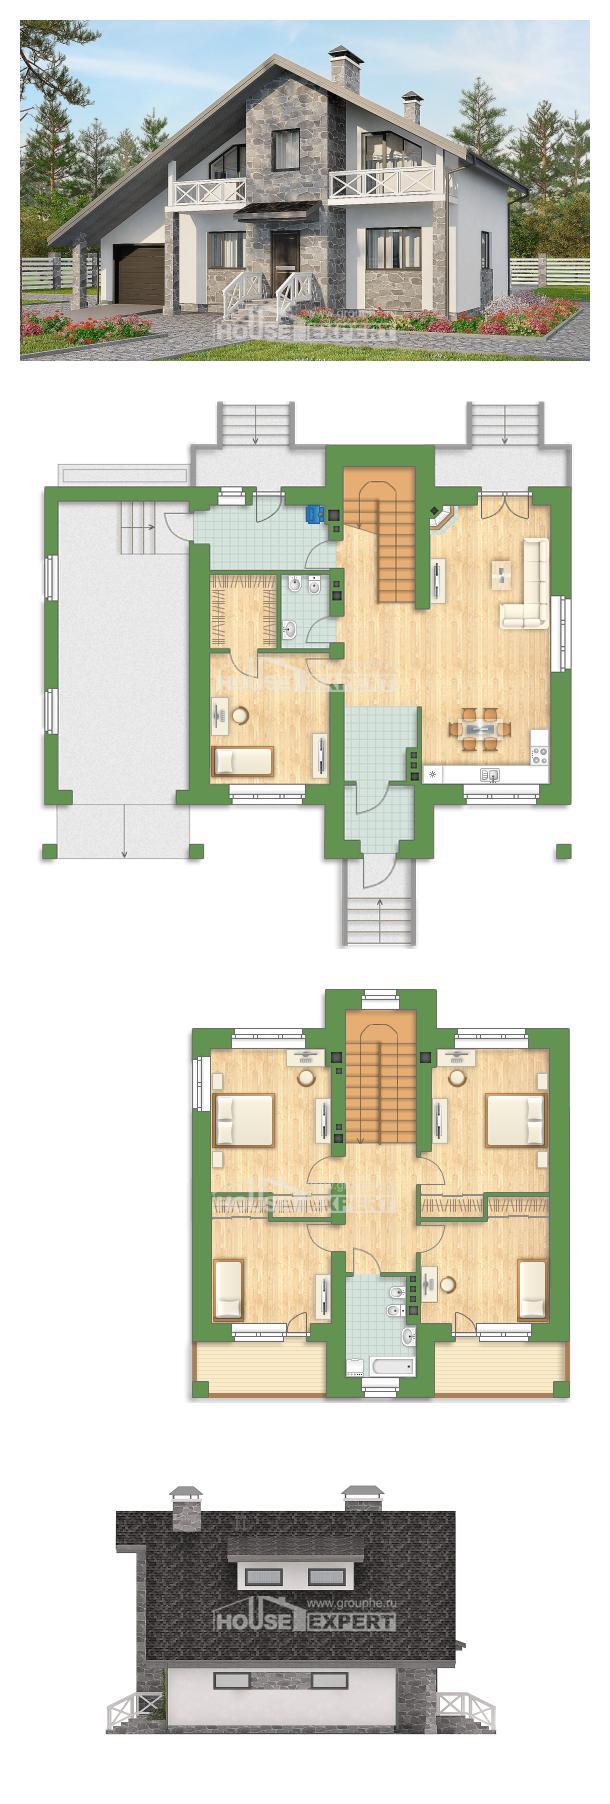 房子的设计 180-017-L | House Expert